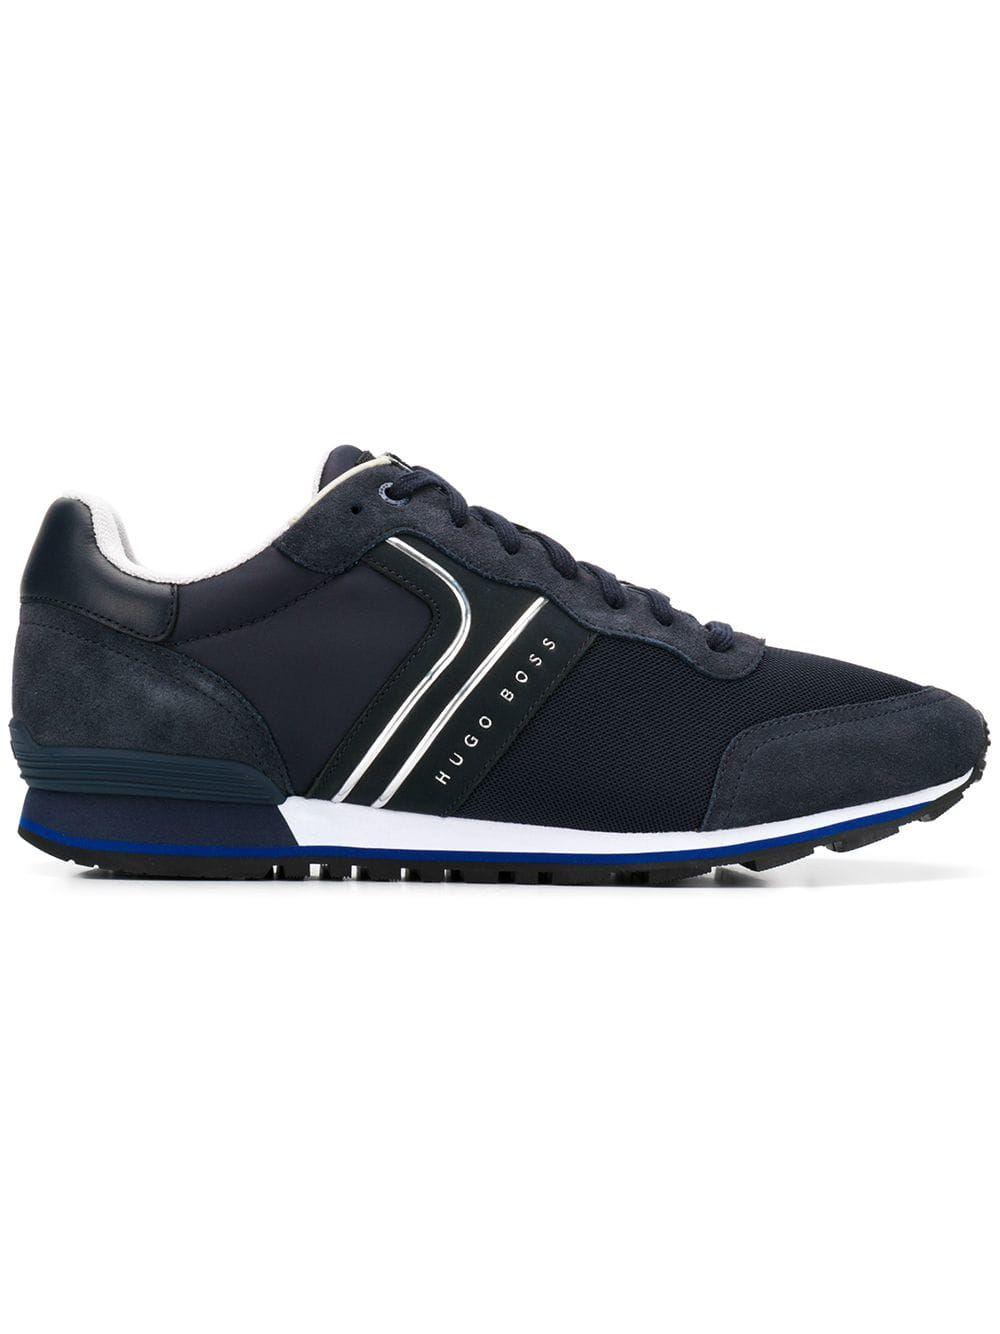 2cd617a20d08 BOSS HUGO BOSS BOSS HUGO BOSS BOSS HUGO BOSS 50317133 408 DARK BLUE.   bosshugoboss  shoes